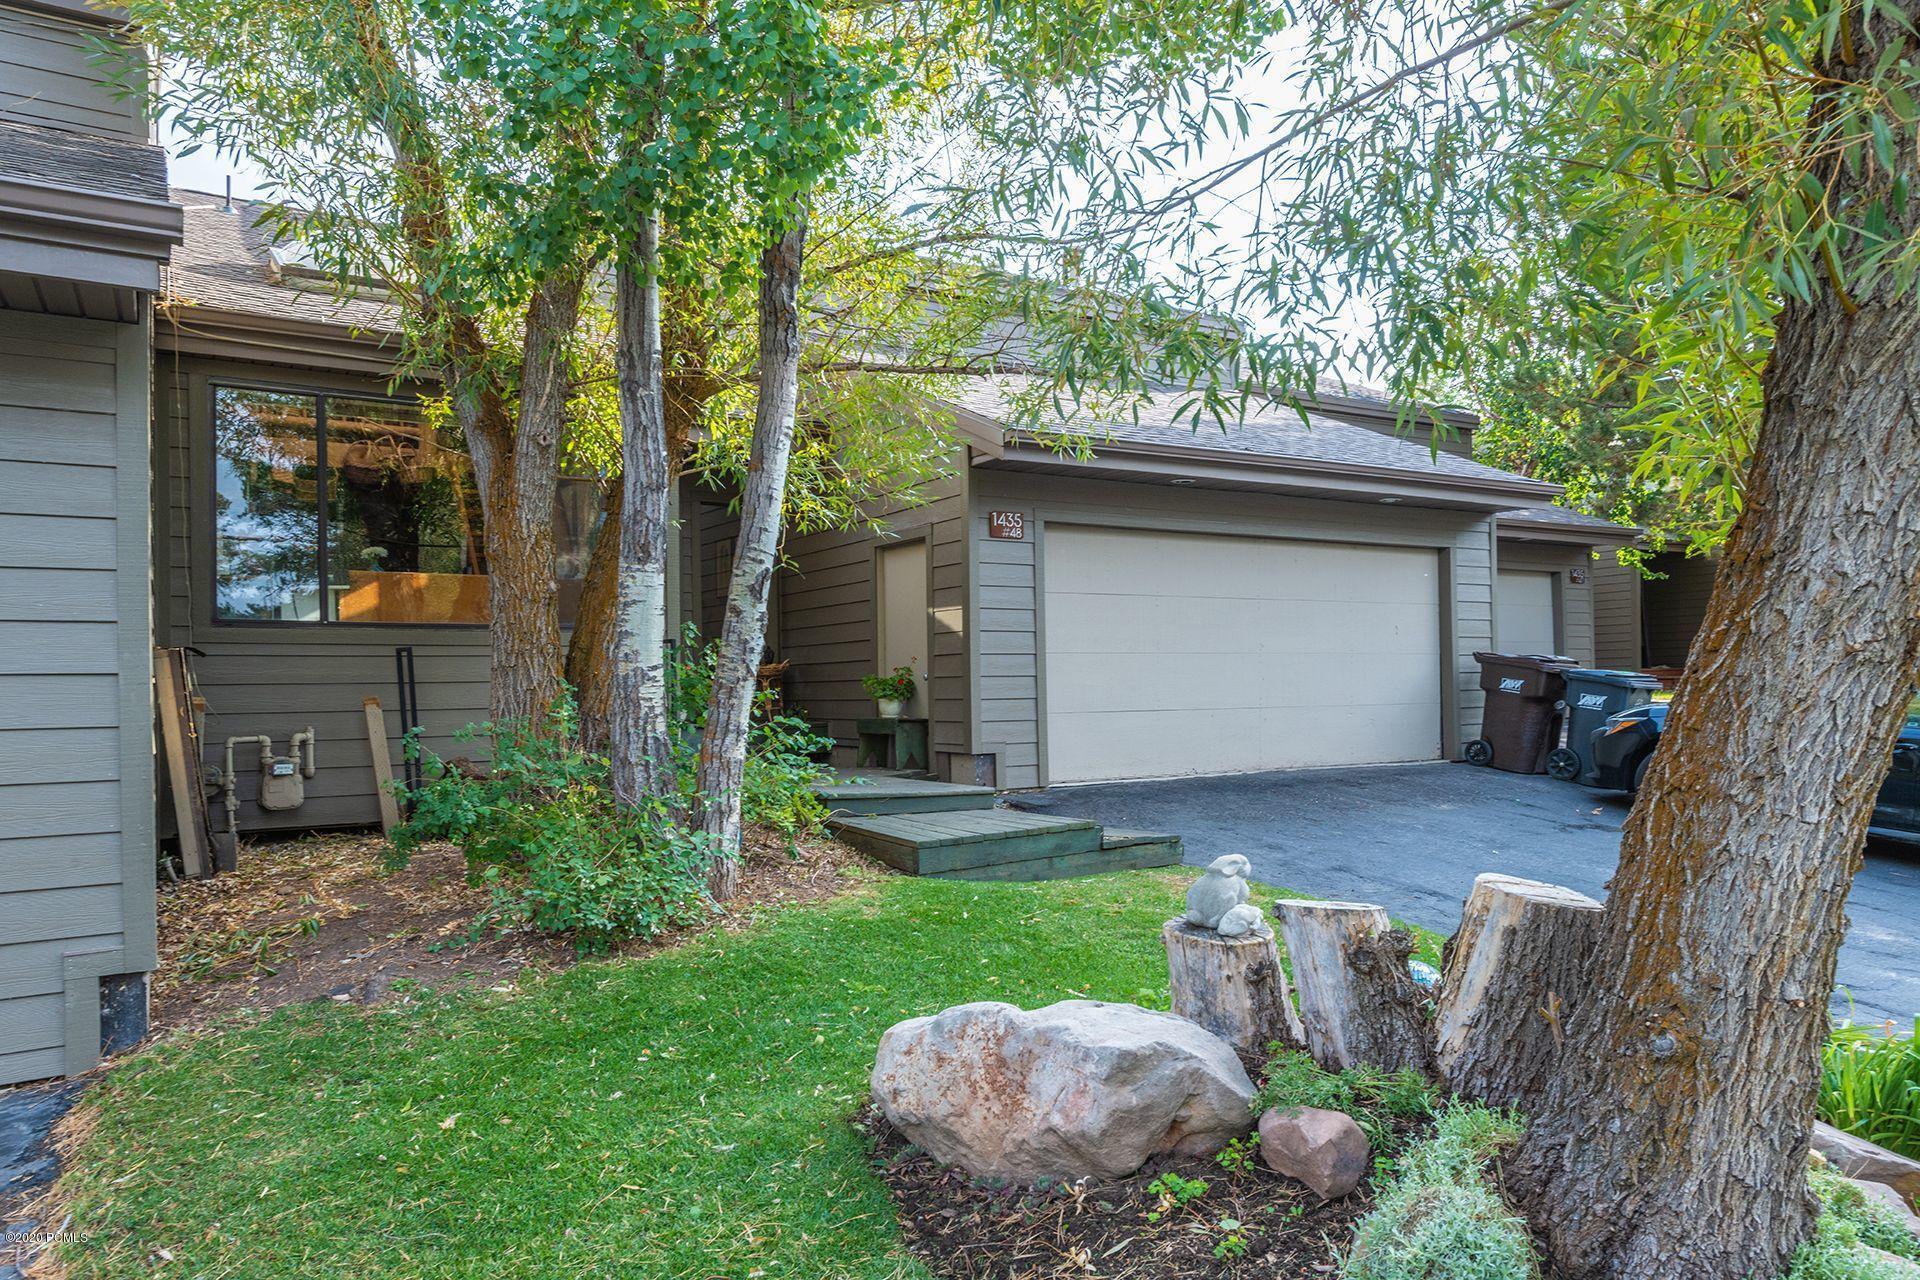 1435 Silver Meadows Drive, Park City, Utah 84098, 3 Bedrooms Bedrooms, ,3 BathroomsBathrooms,Condominium,For Sale,Silver Meadows,12003454